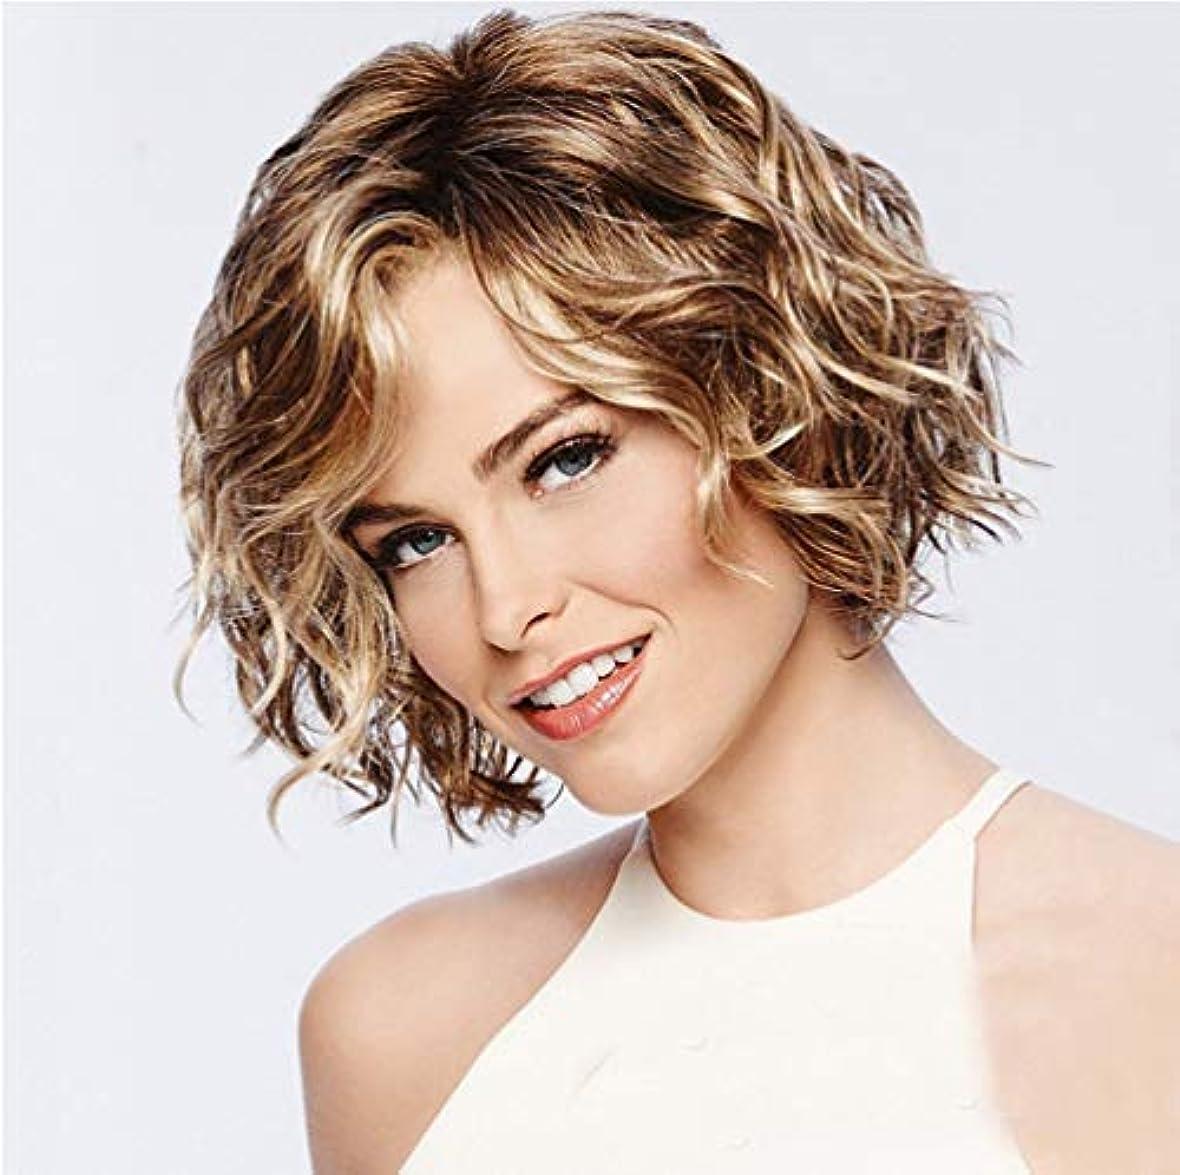 森一杯洗うかつら女性ボボカーリー合成耐熱繊維毛魅力的なファッショナブルなかつらゴールデングラデーション28センチ